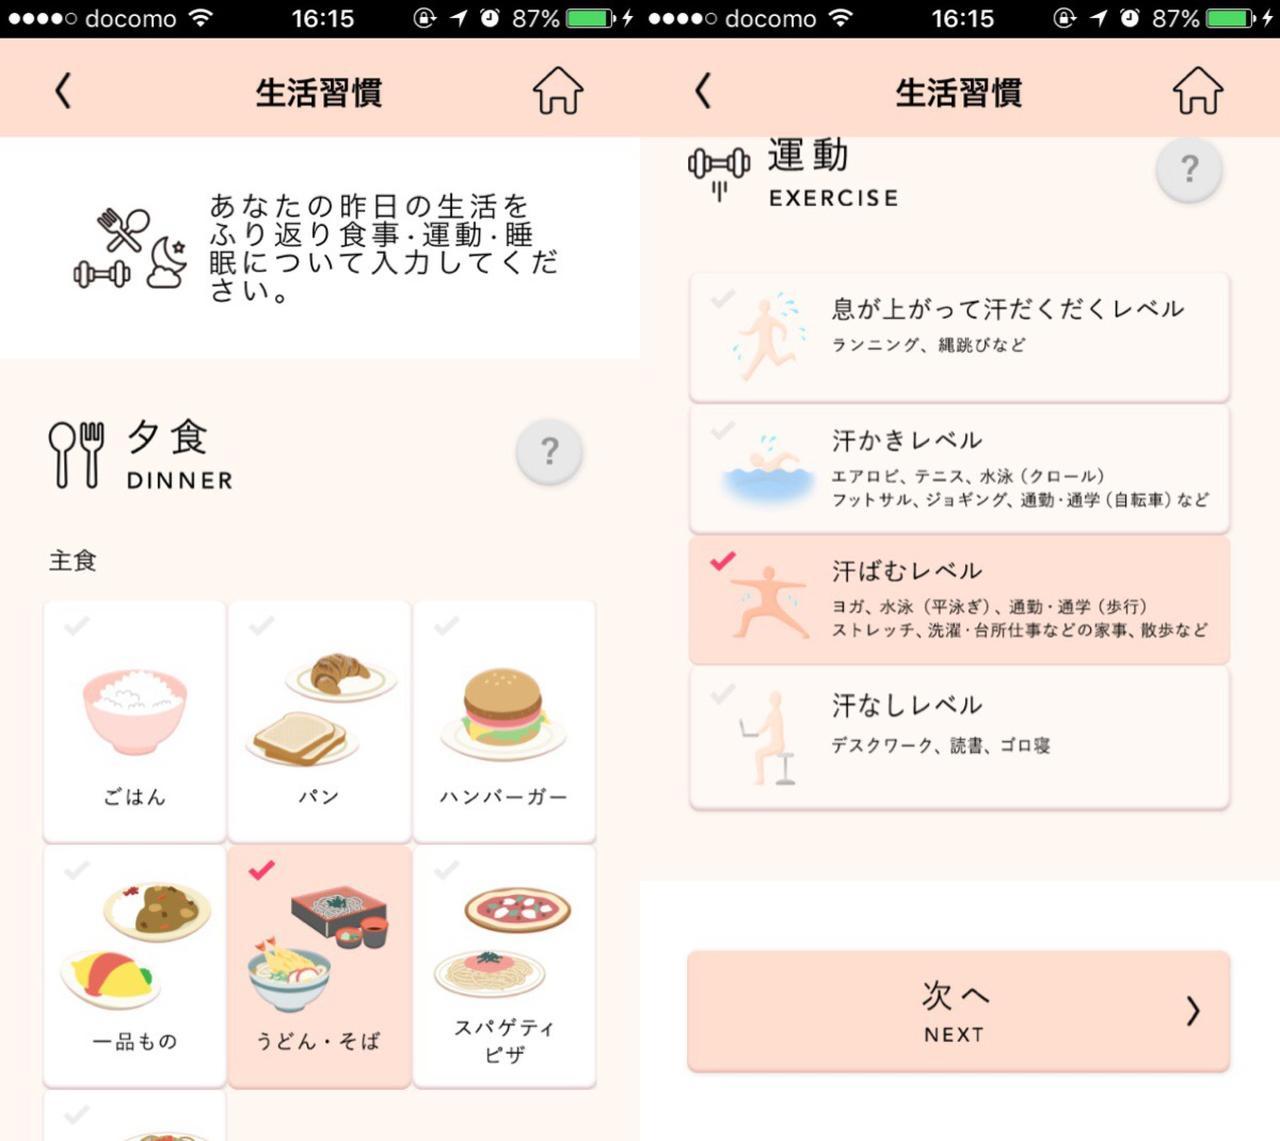 画像2: 使用アイテムや食事などもチェックしてアドバイスをもらいましょう。